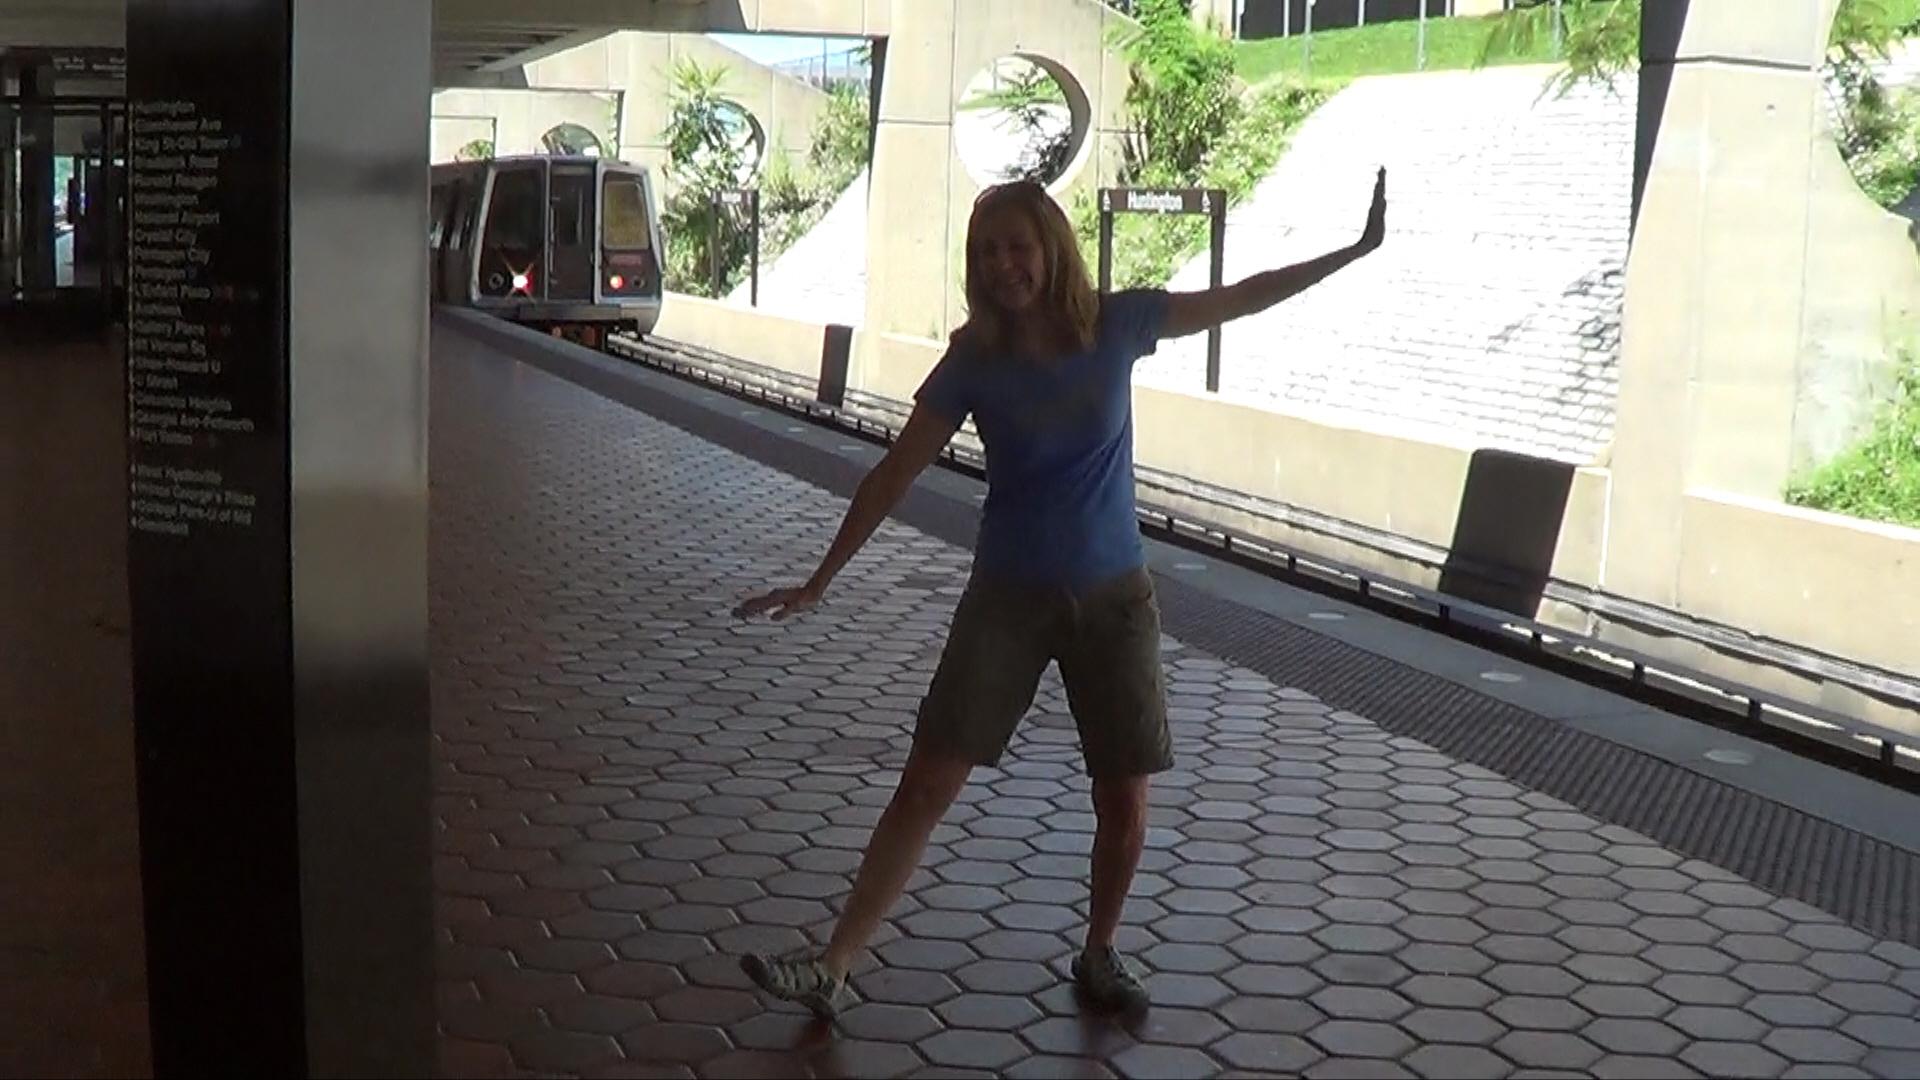 07 - Metro Station